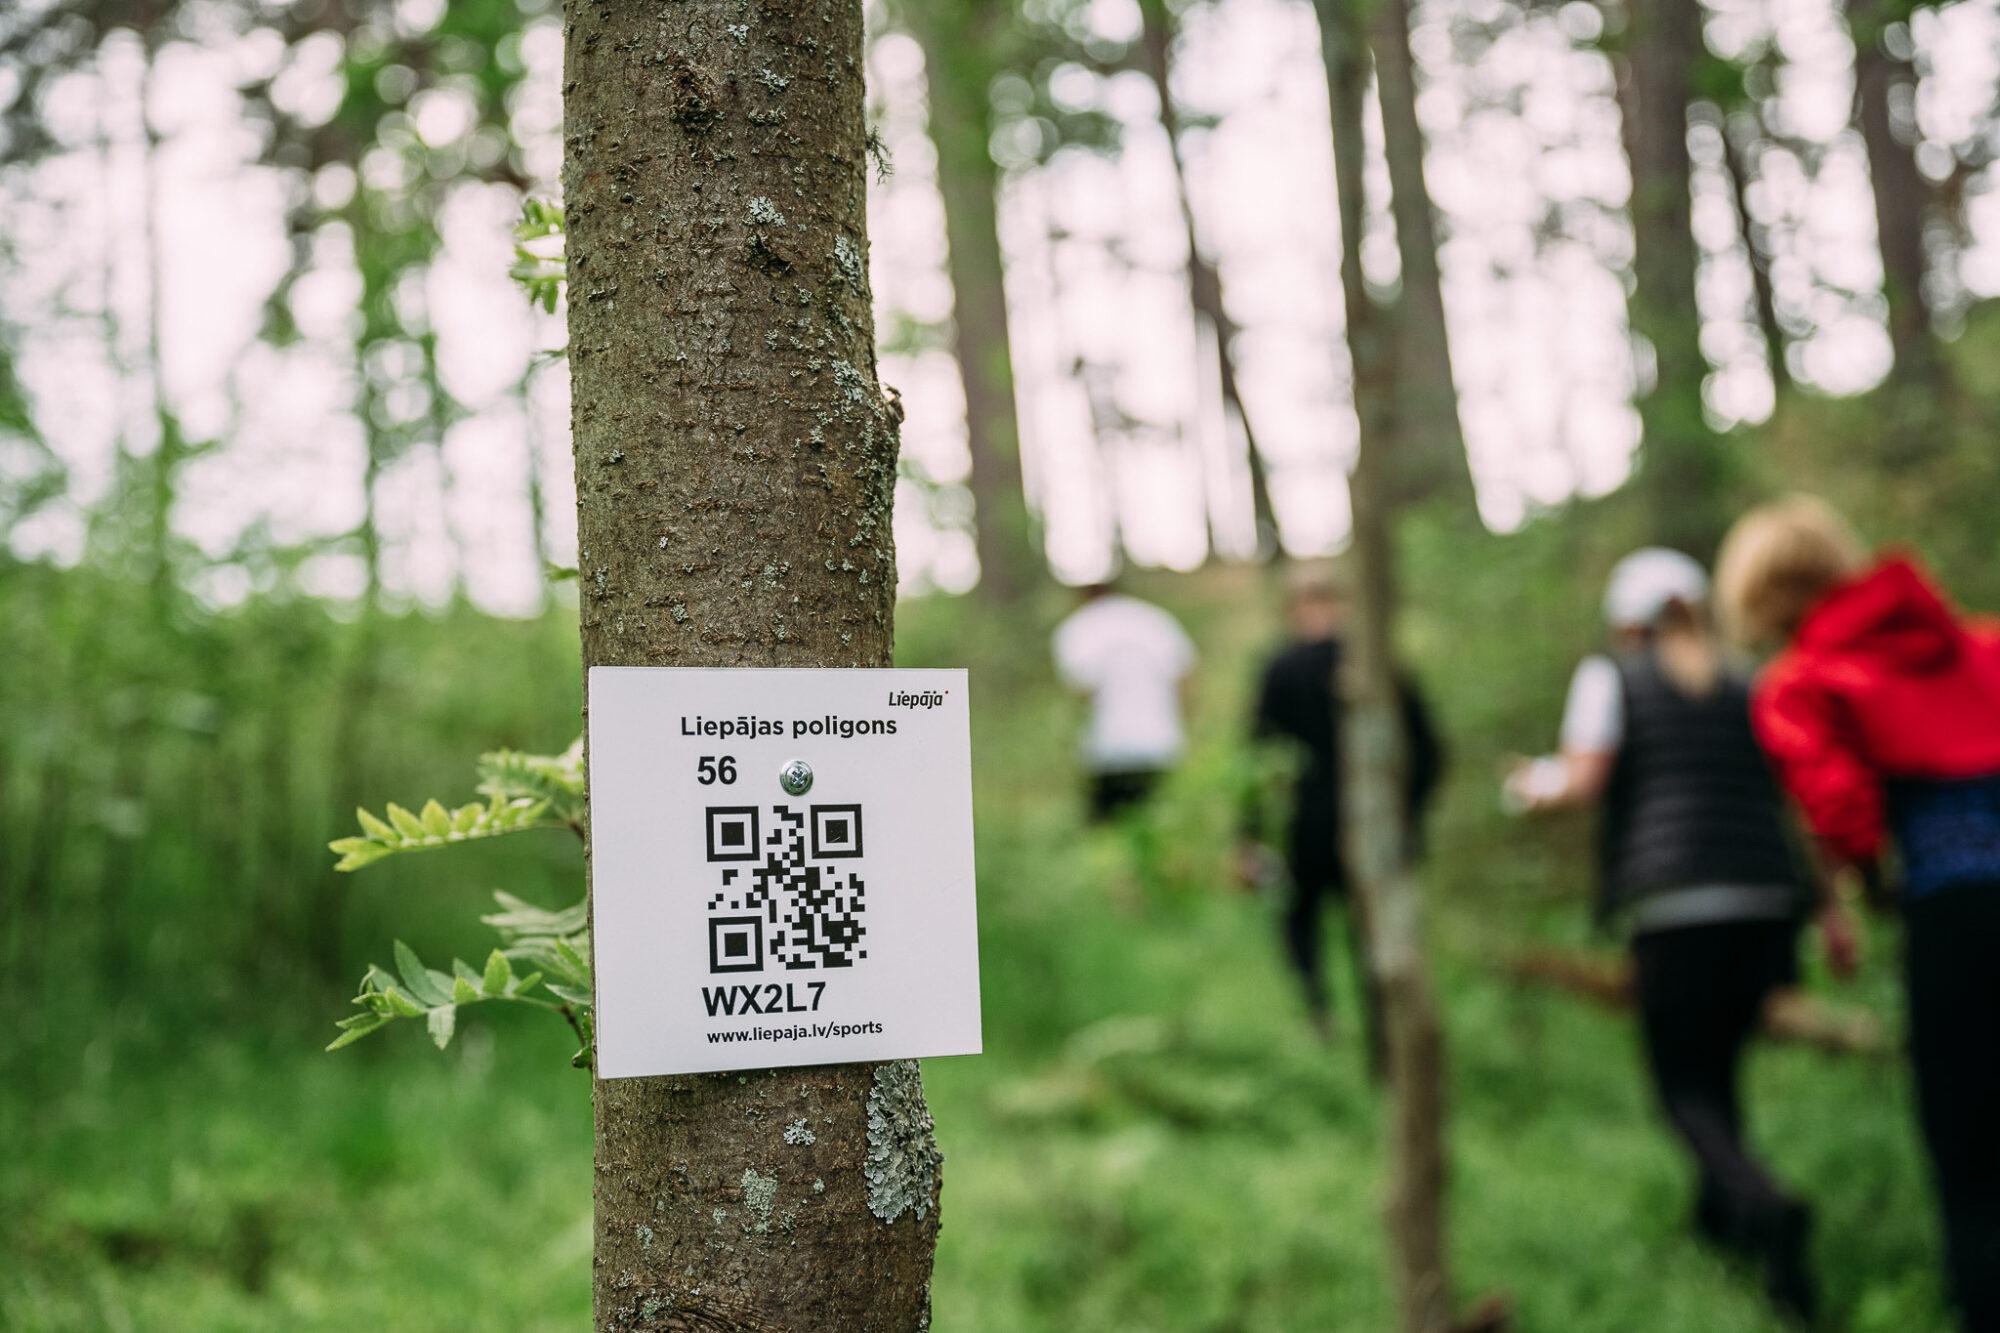 В Лиепае открыт первый полигон по ориентированию